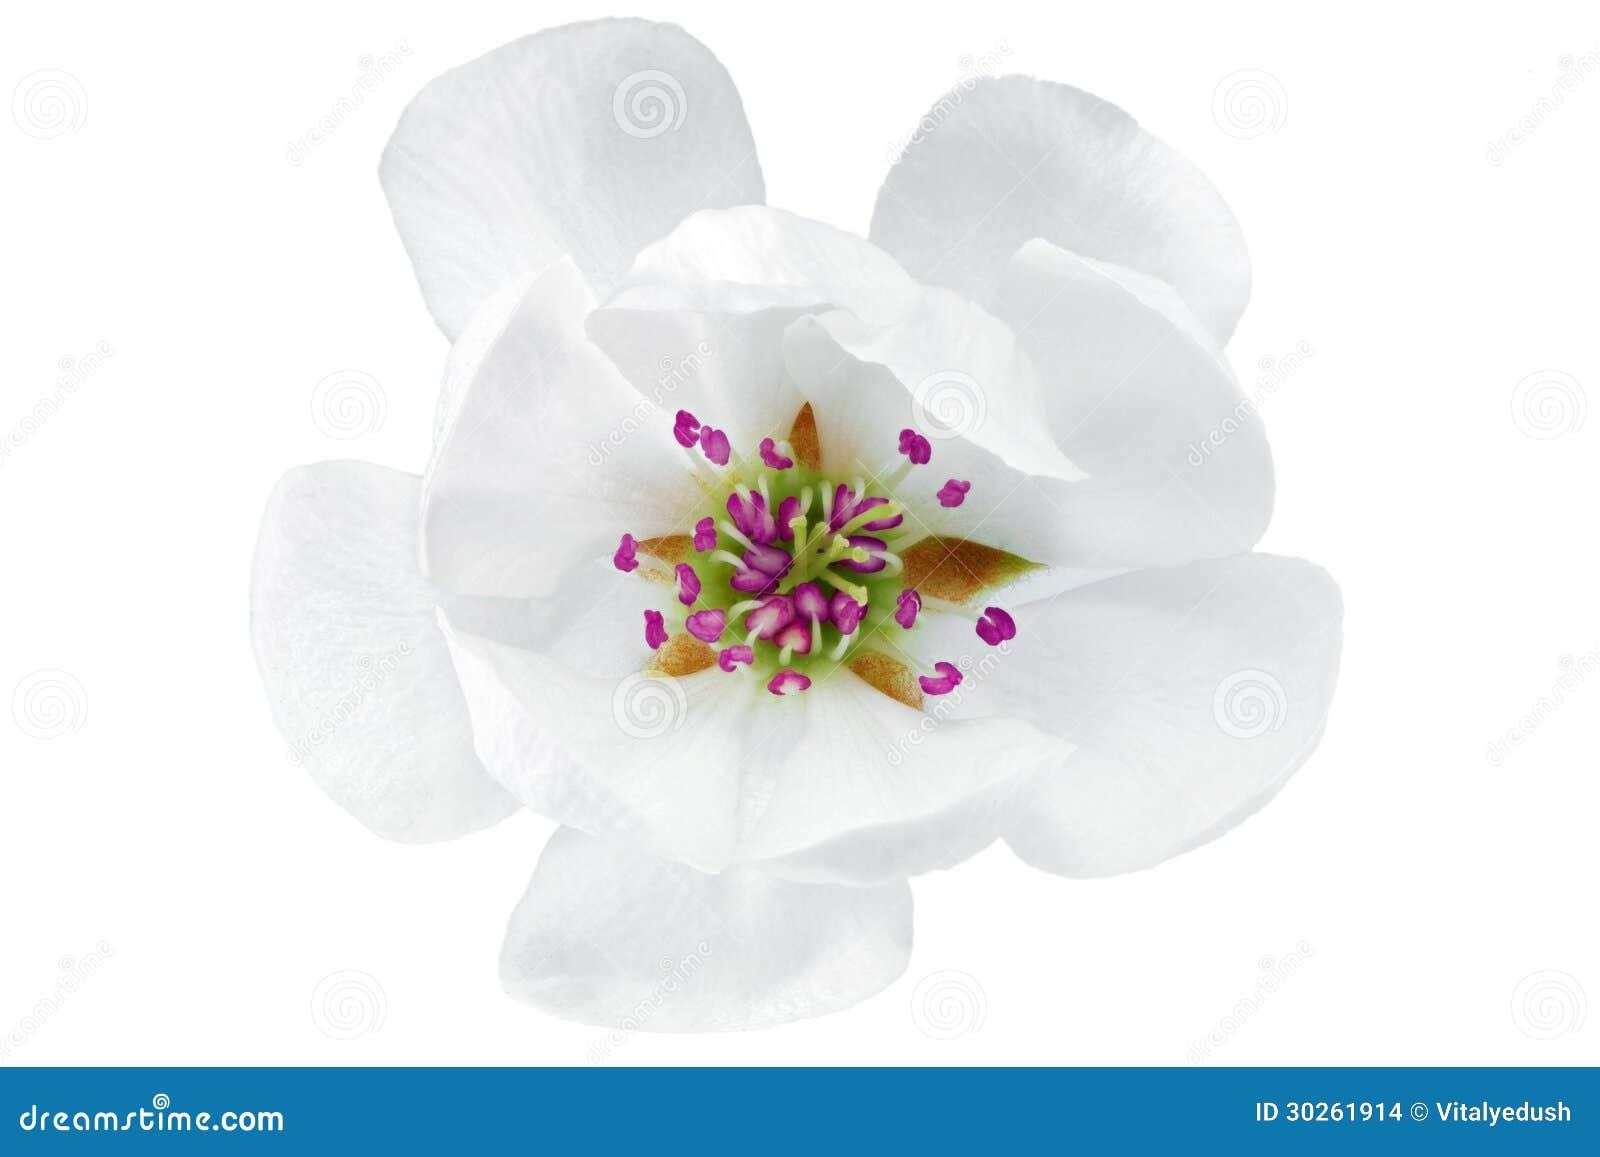 Single Flower Of Magnolia Isolated On White Background